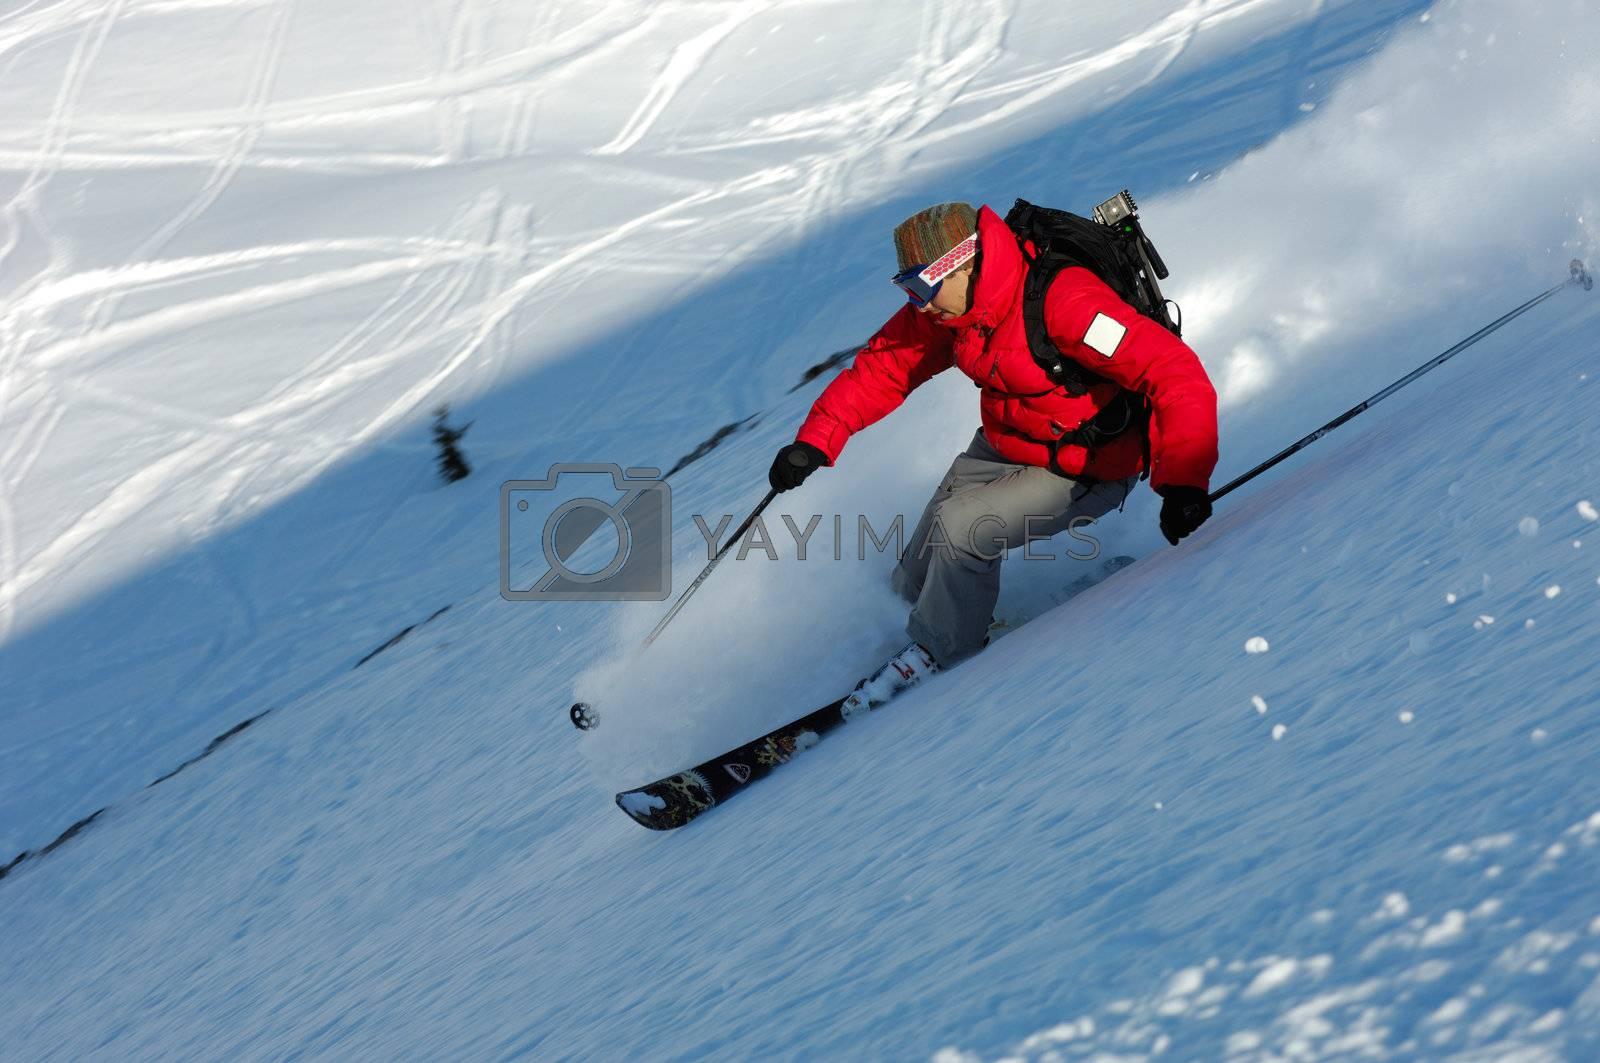 Extreme ski by swimnews